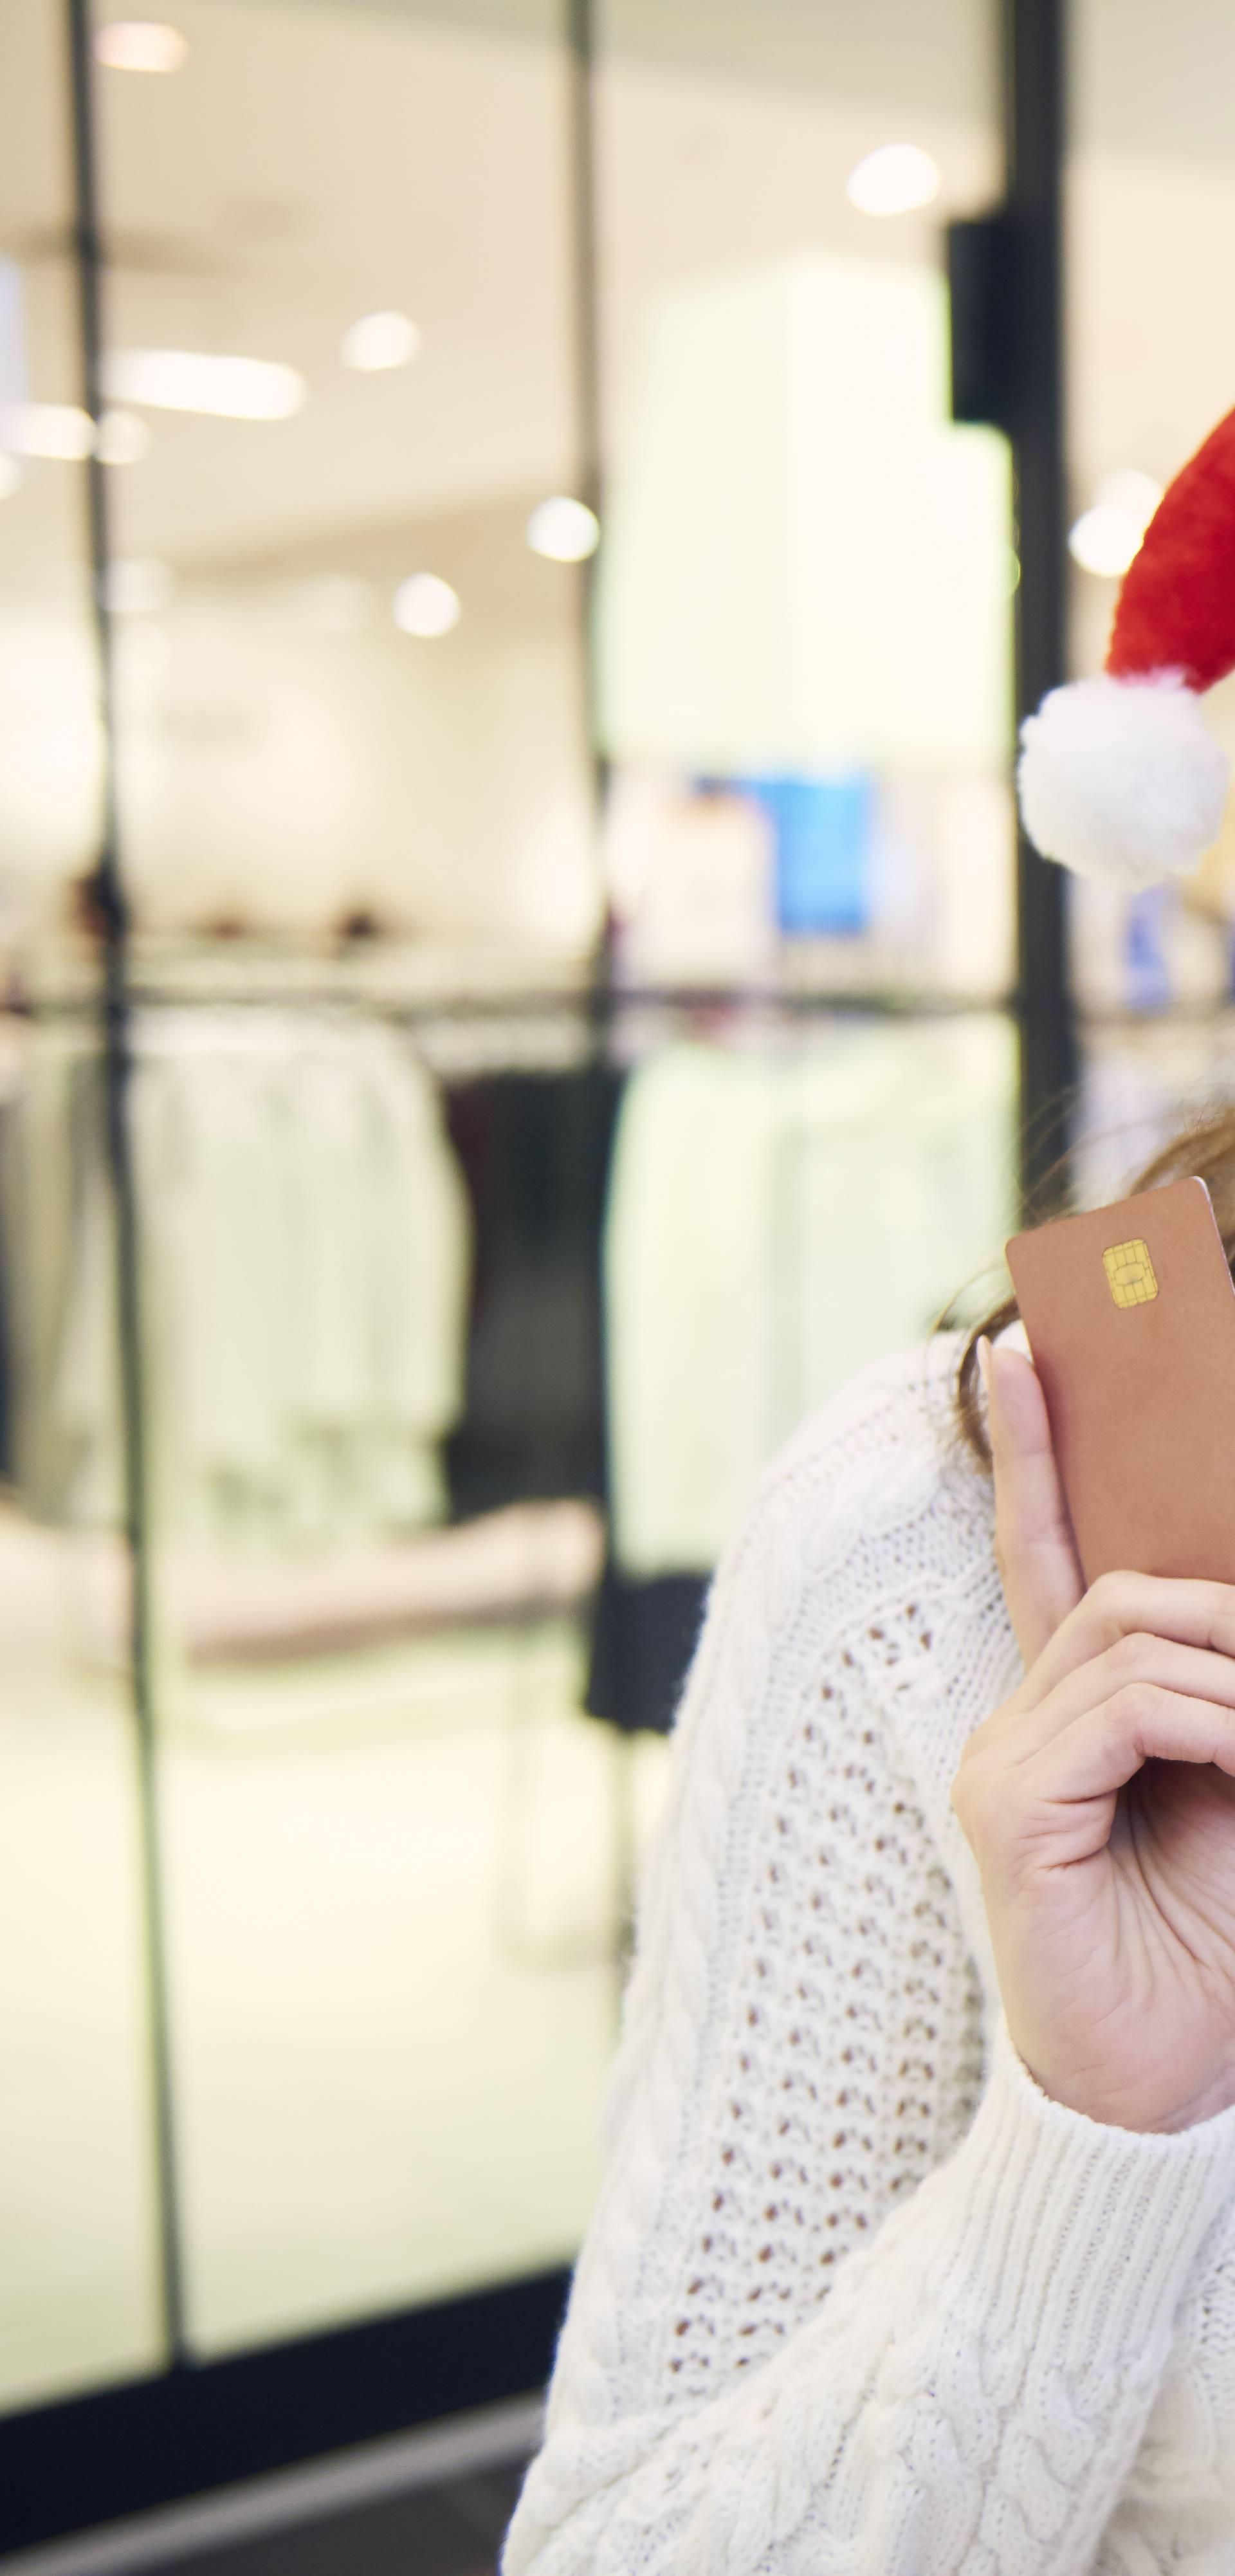 Zodijački rasipnici: Shopping je strast za Vodenjake i Ovnove